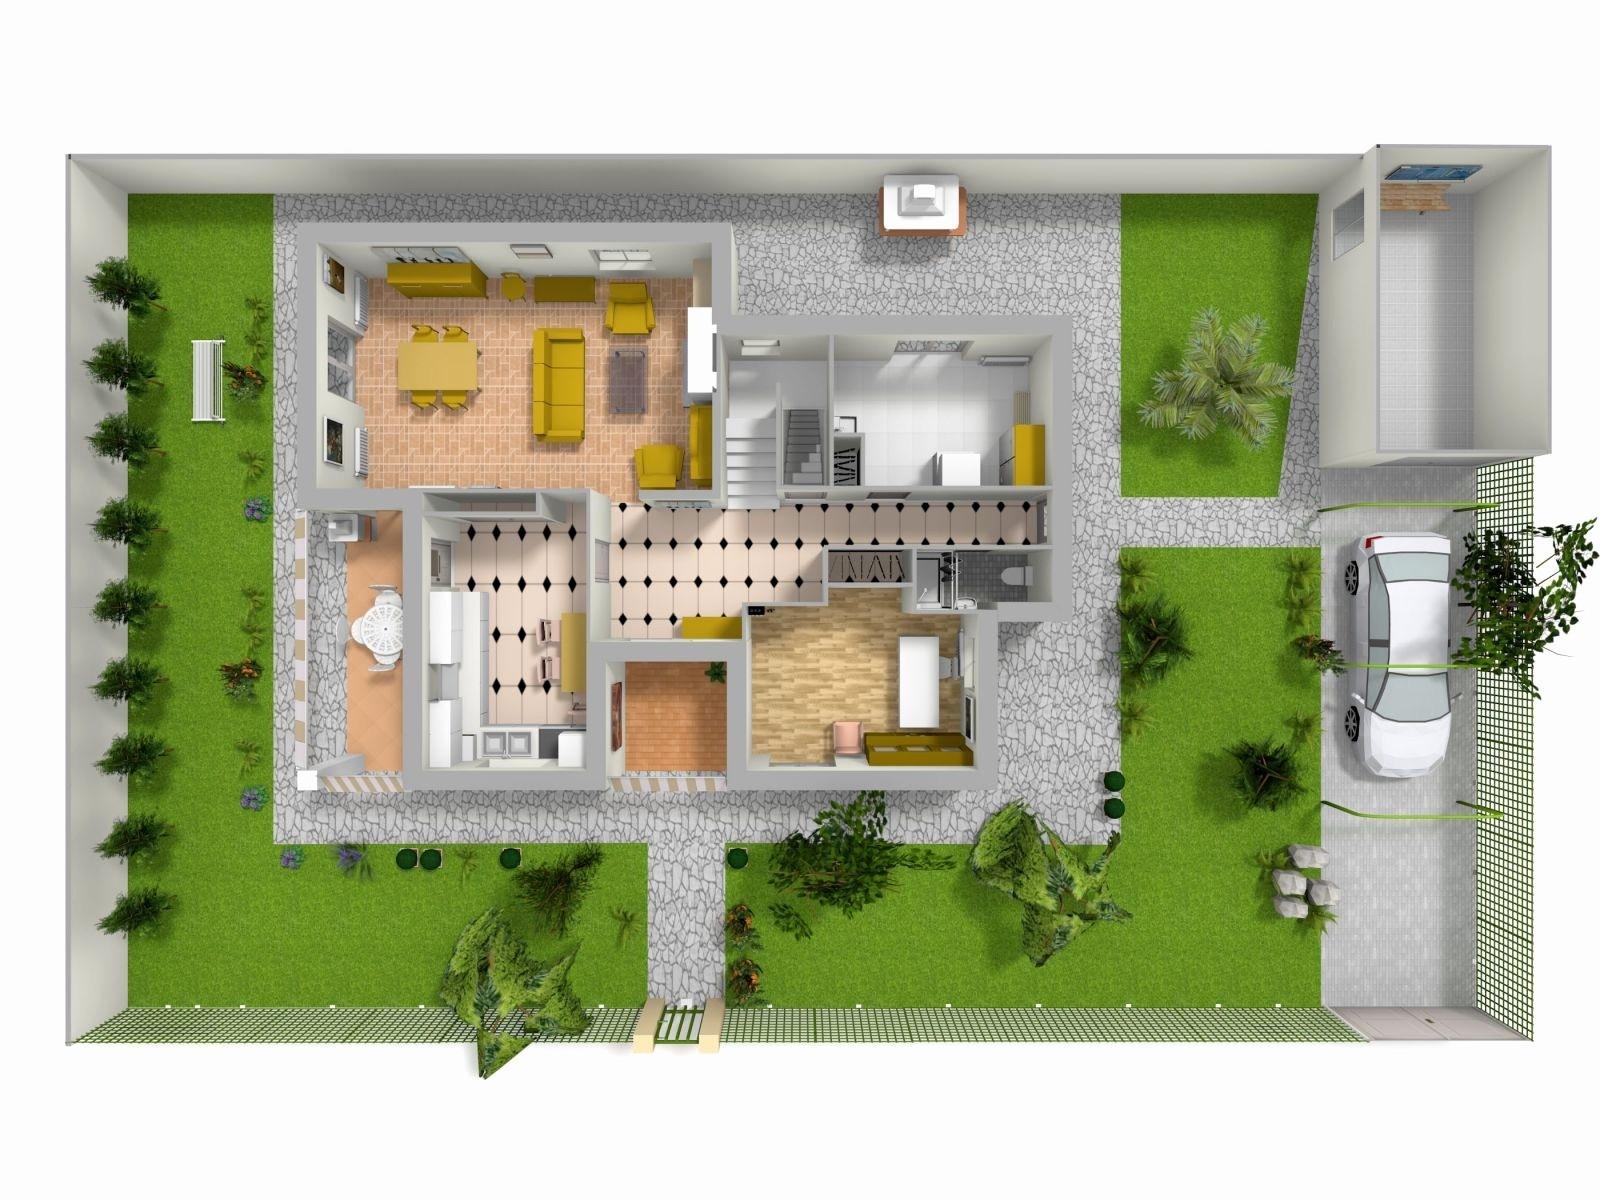 Logiciel Gratuit Paysagiste Inspirant Photos Plan De Jardin En Ligne Gratuit Logiciel Decoration Conception